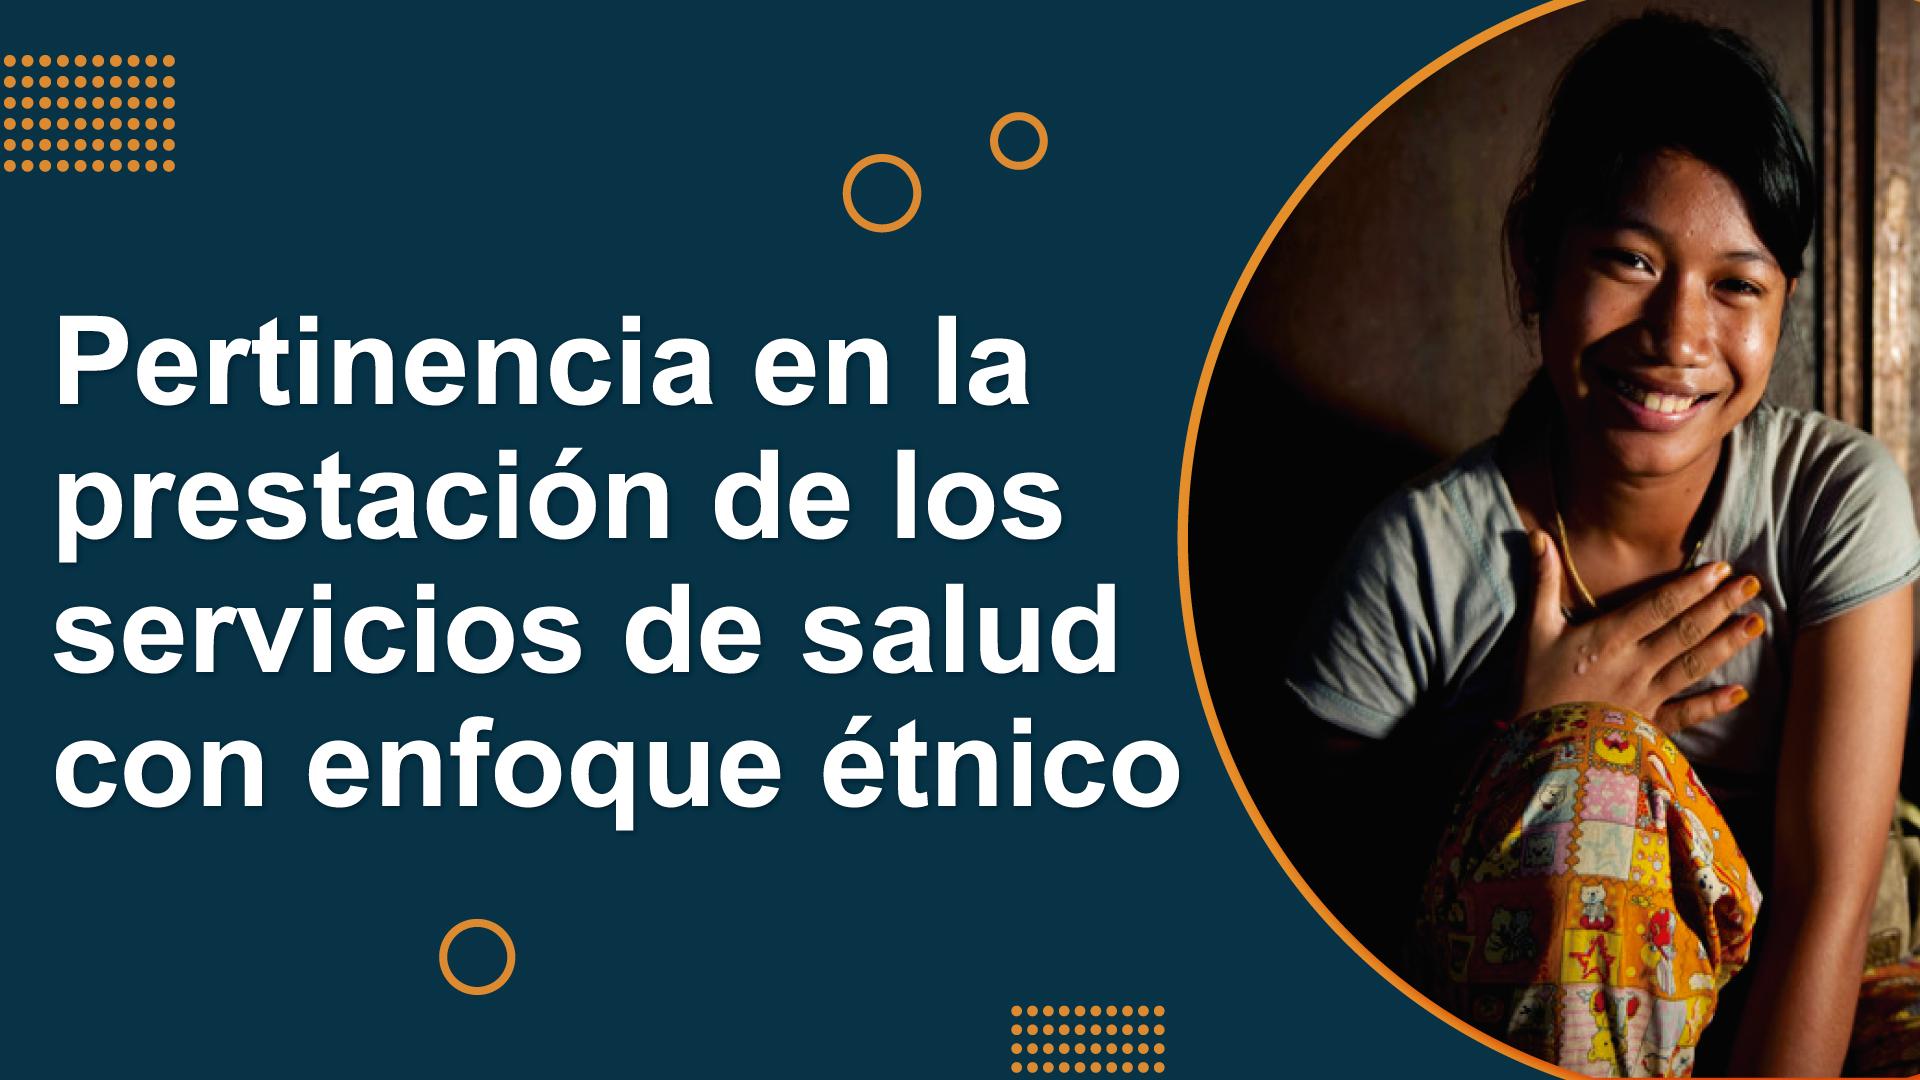 Course Image PERTINENCIA EN LA PRESTACIÓN DE LOS SERVICIOS DE SALUD CON ENFOQUE ÉTNICO